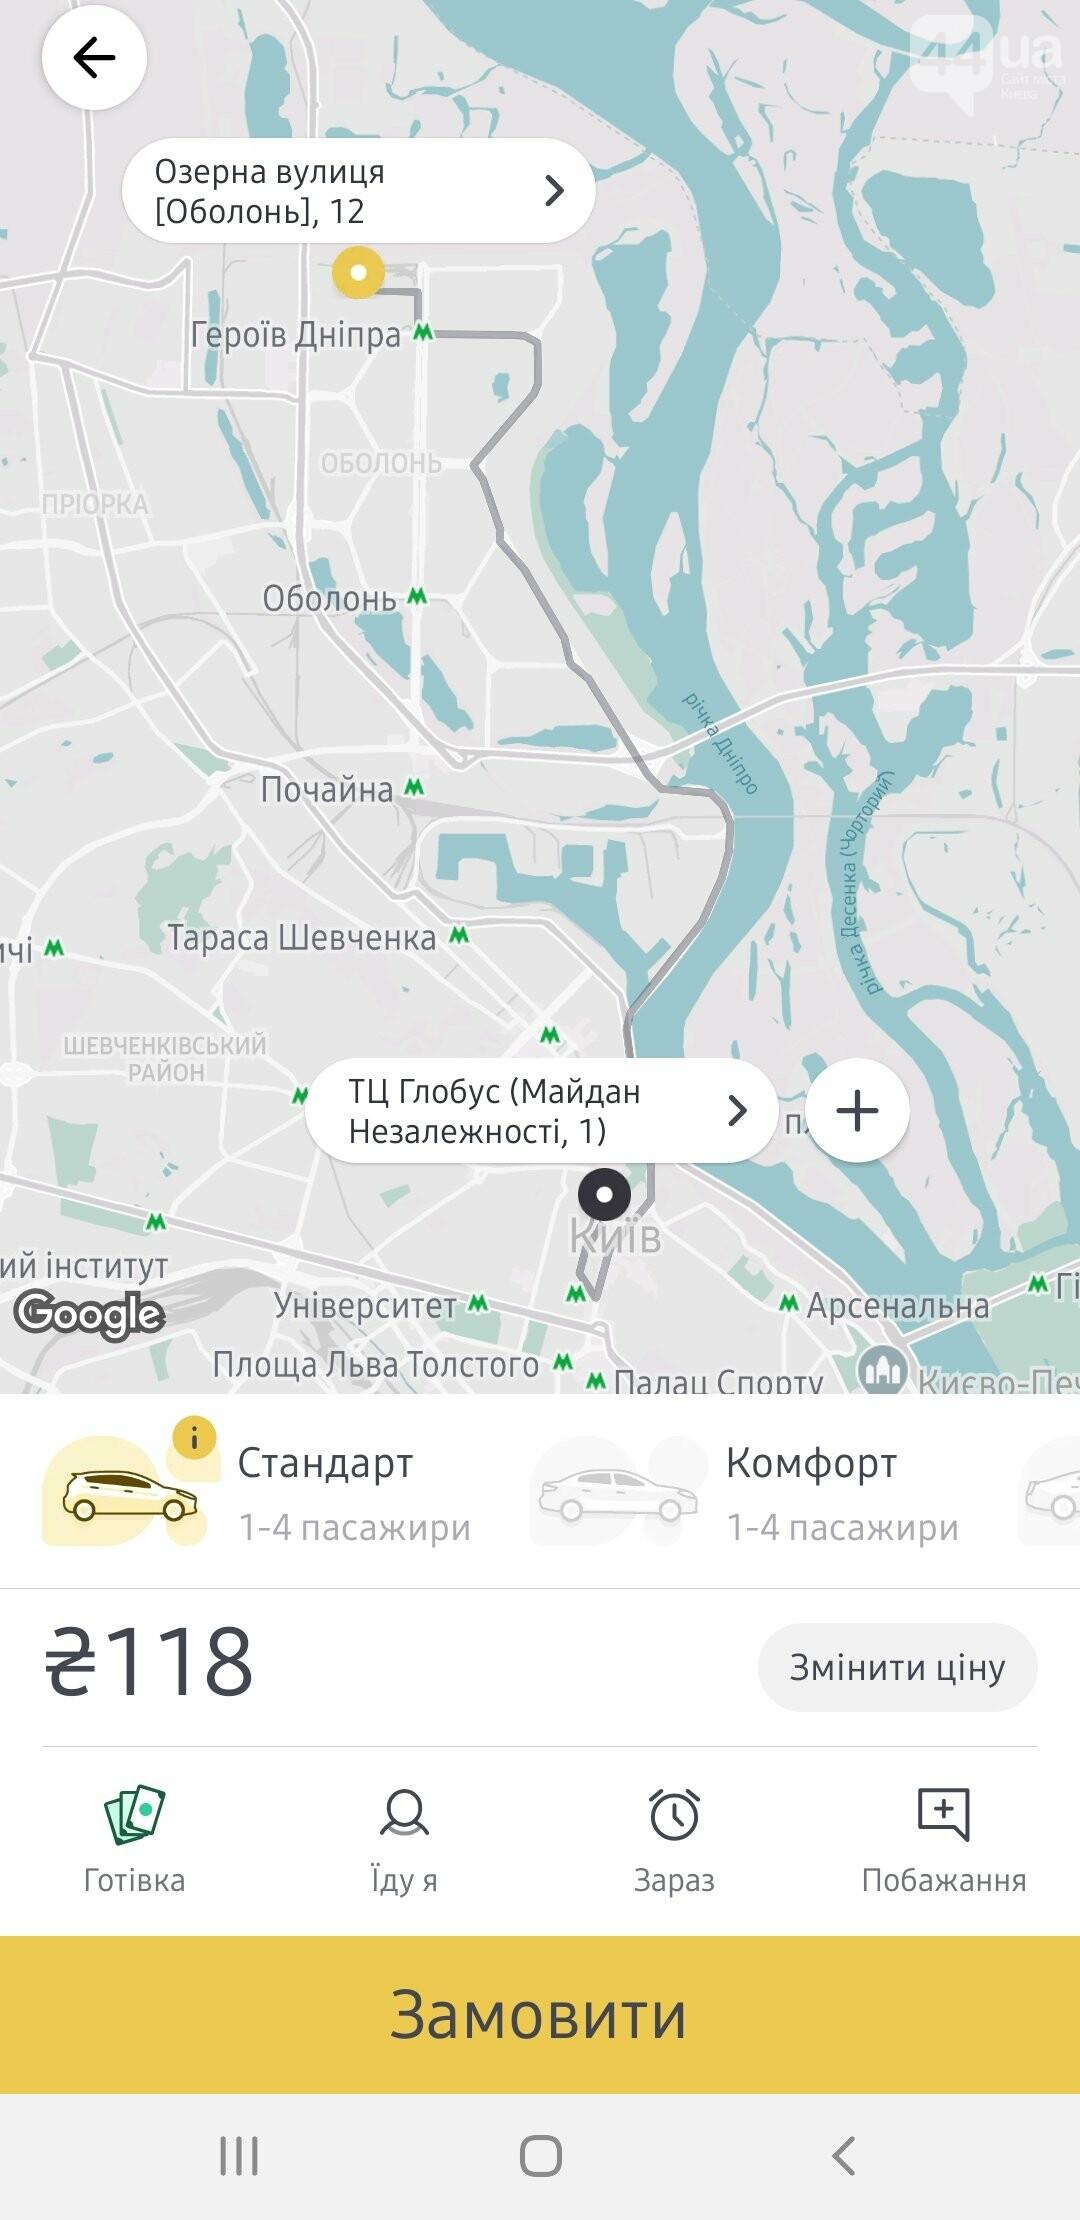 В Киеве закрыли метро: сколько стоит доехать на работу на такси, фото-1